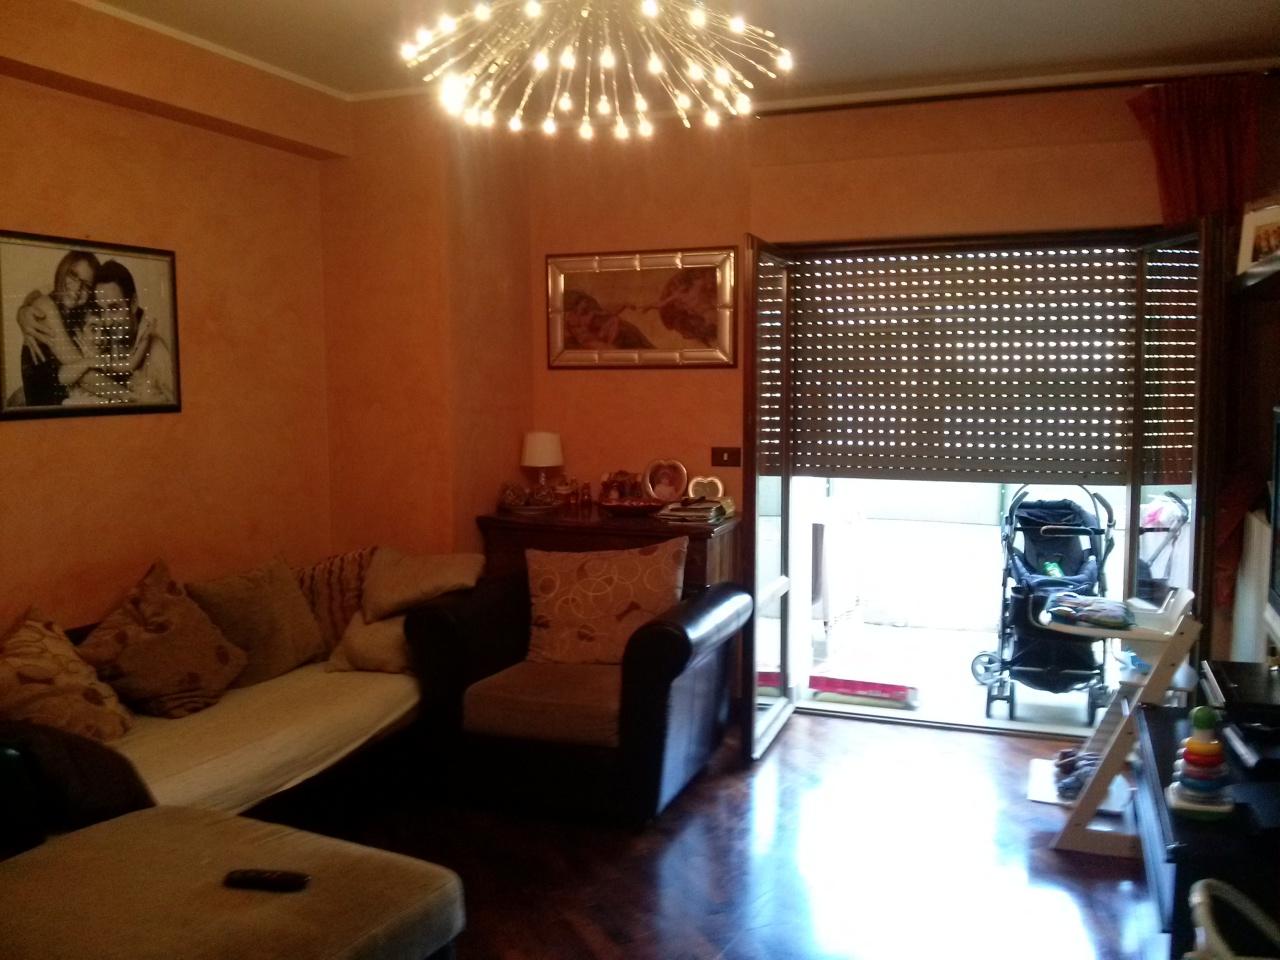 Appartamento in vendita a Ascoli Piceno, 6 locali, zona Zona: Monticelli, prezzo € 150.000   Cambio Casa.it